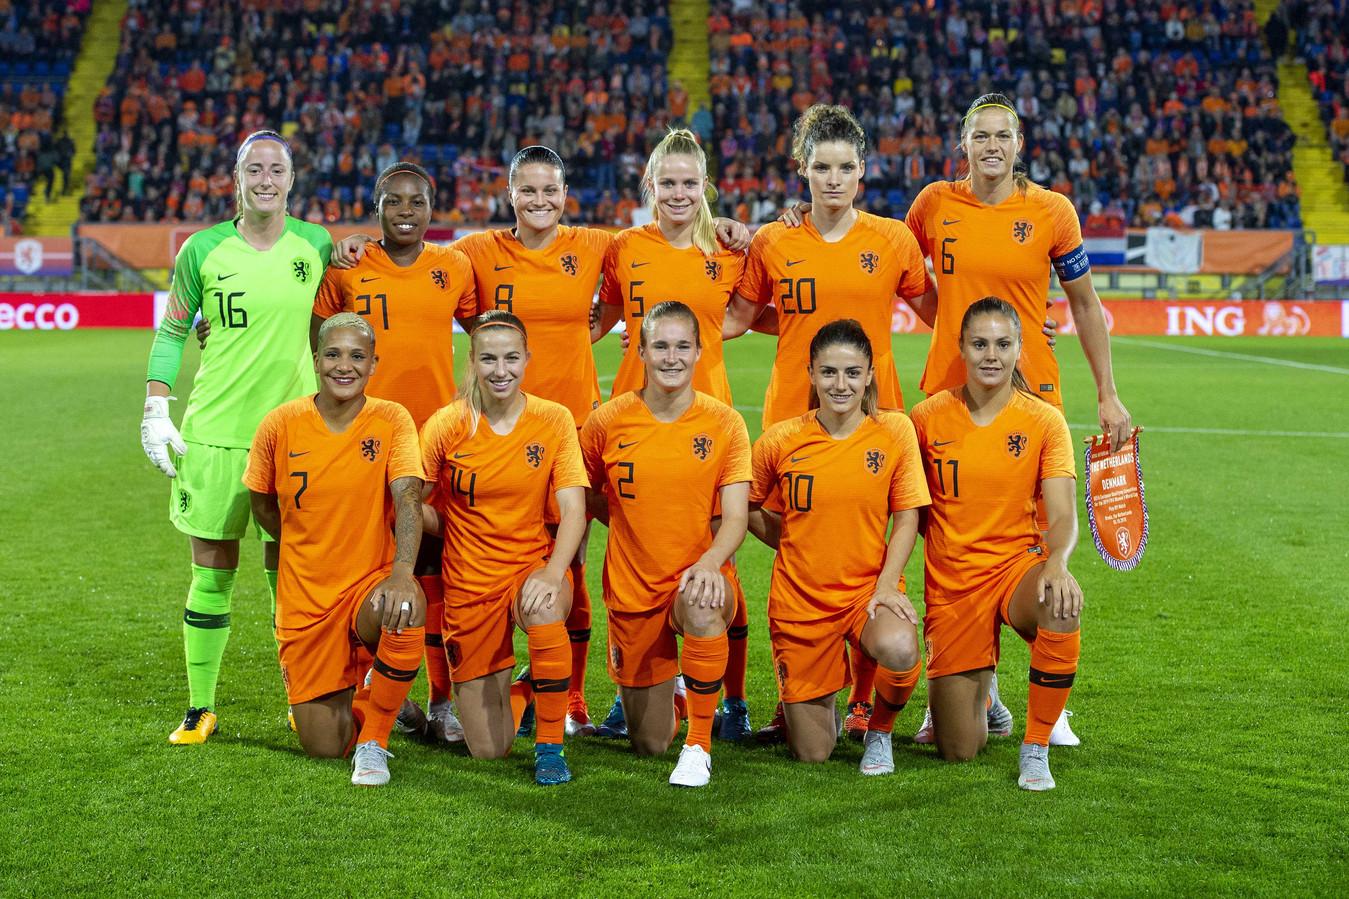 De voetbalsters van Oranje.